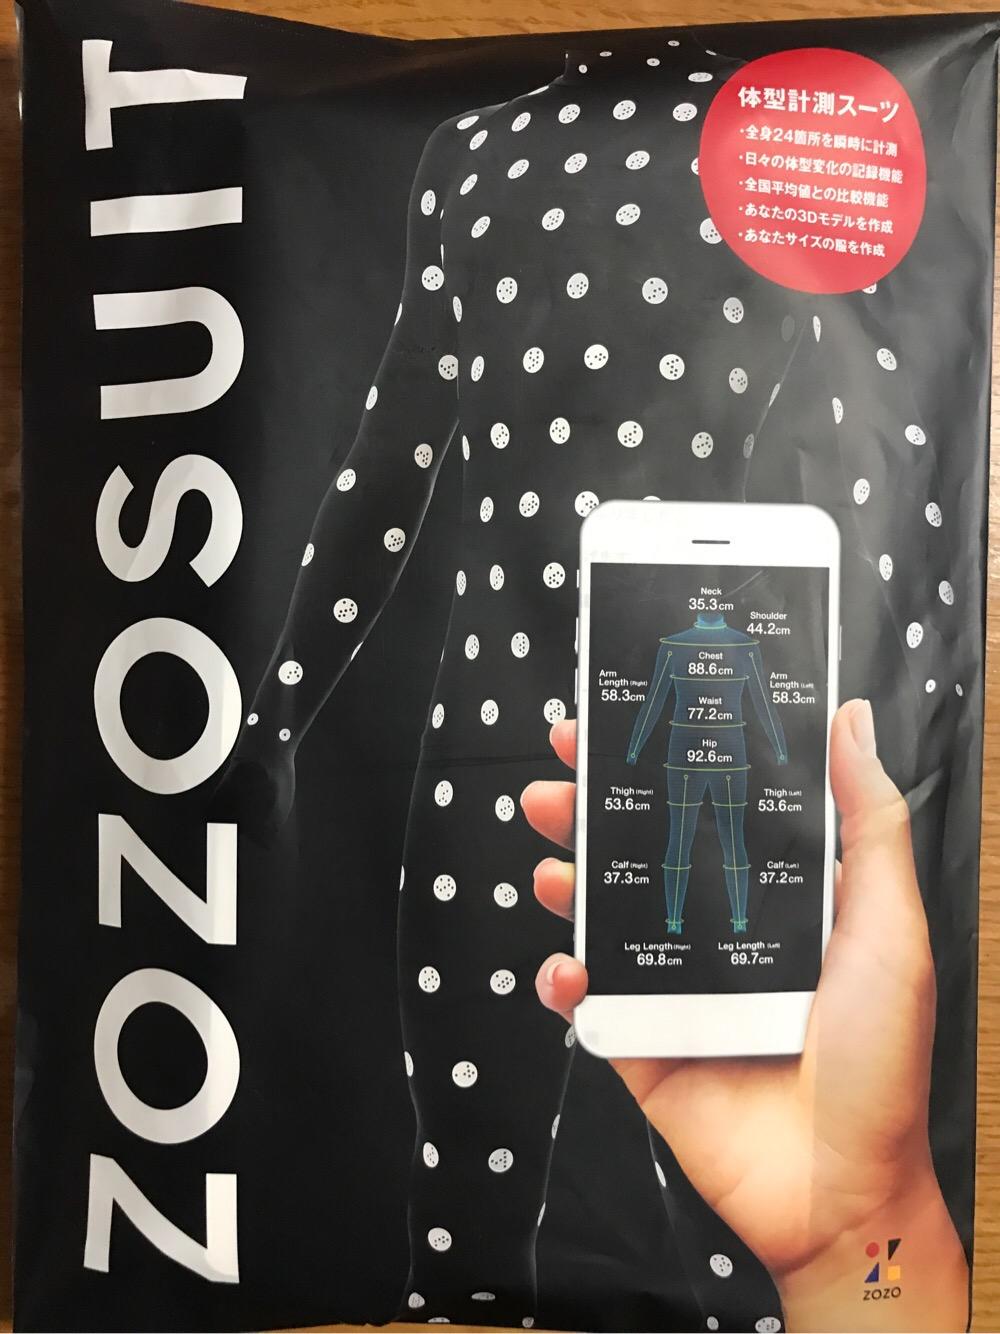 ZOZOスーツ到着!家族爆笑のお笑い製造装置ゲットっ!